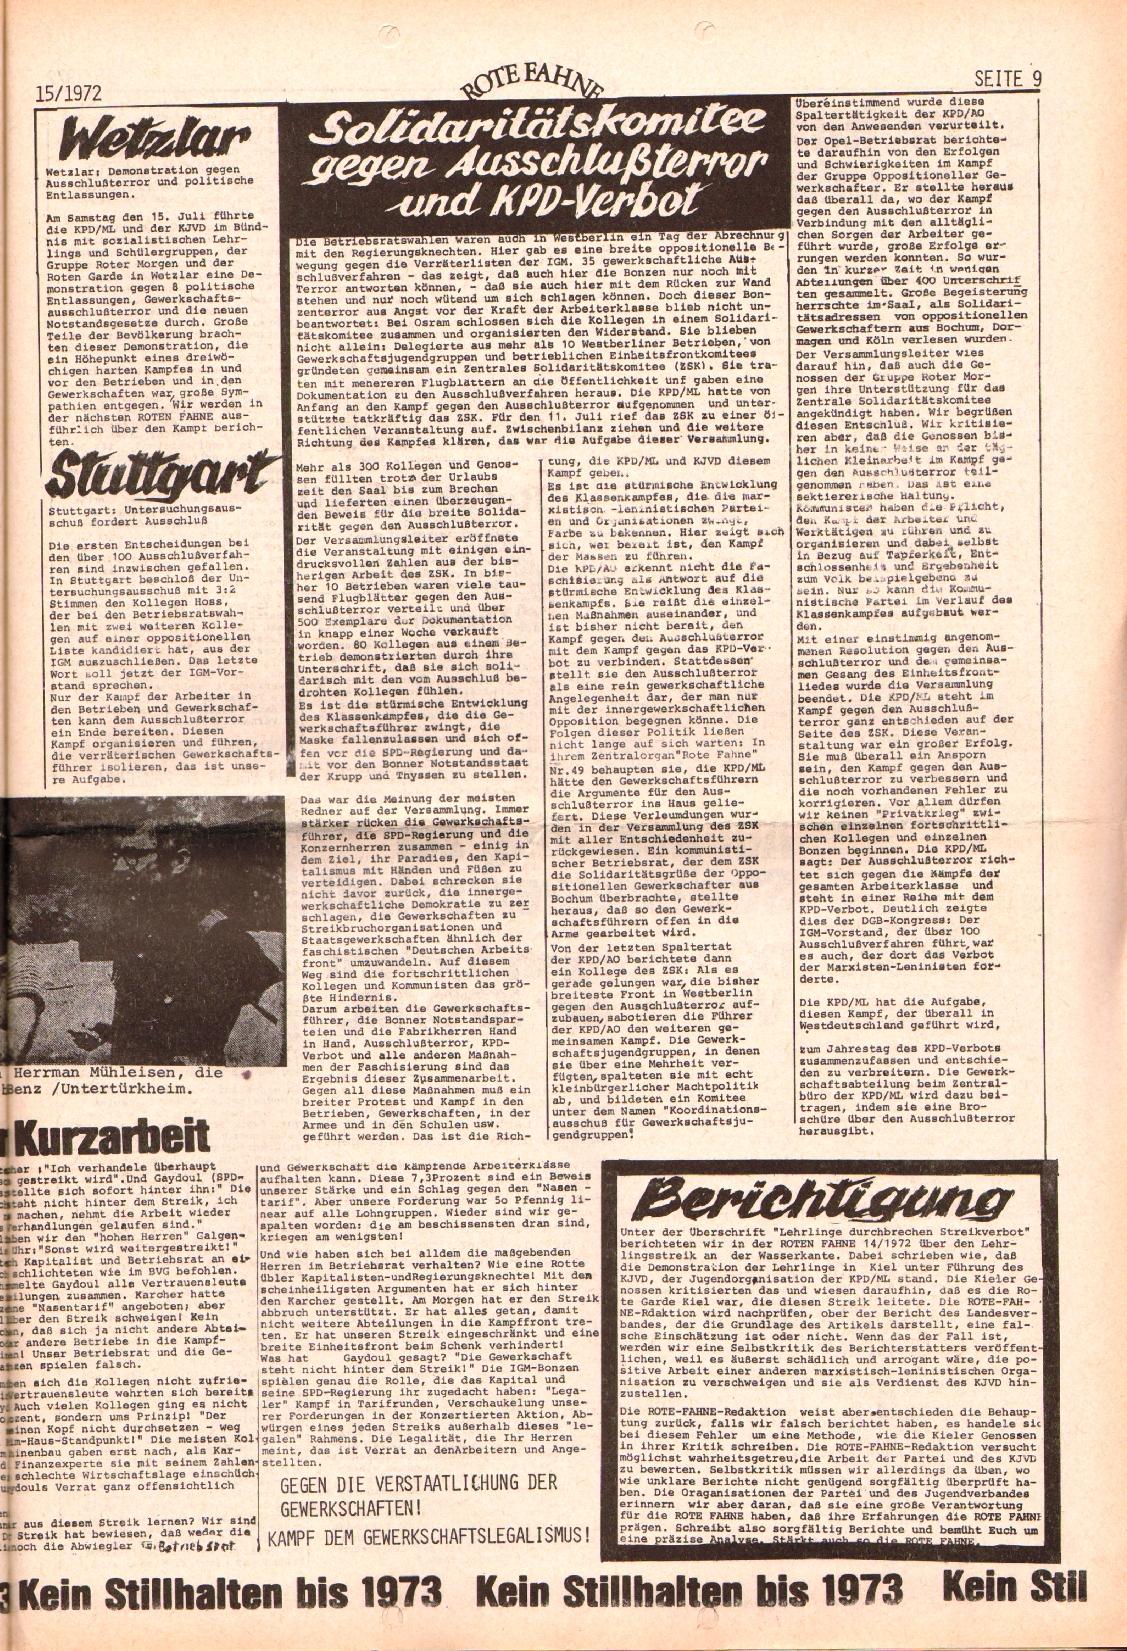 Rote Fahne, 3. Jg., 24.7.1972, Nr. 15, Seite 9